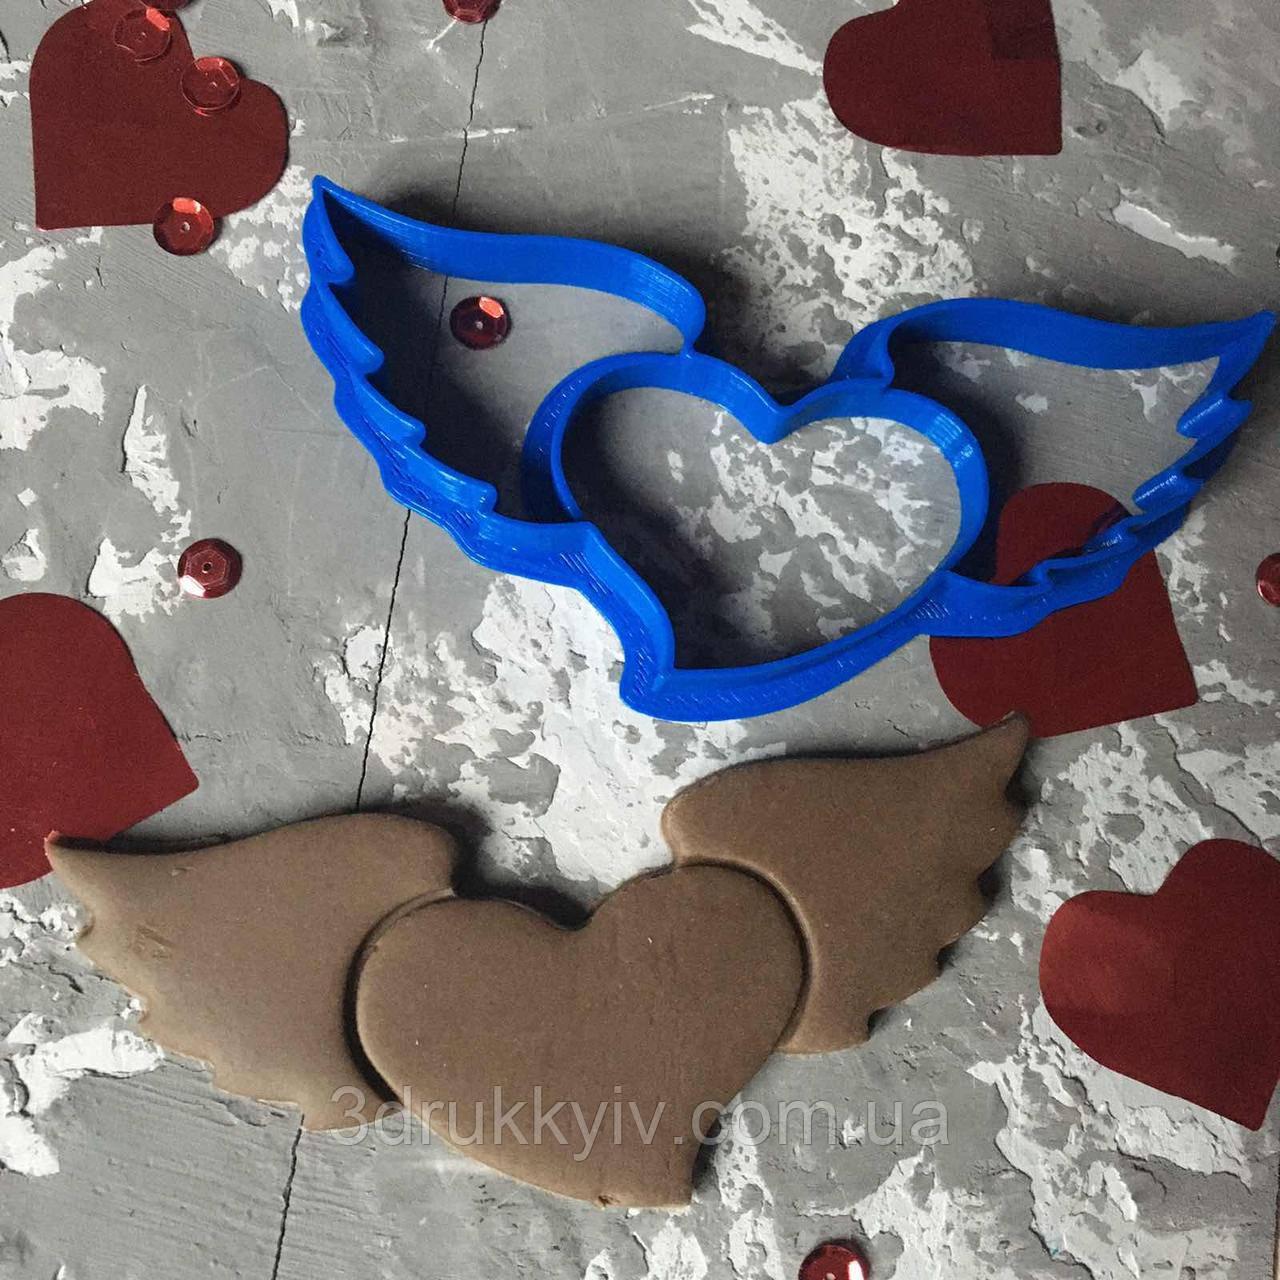 """Вирубка """"Серце з крилами"""" / Вырубка - формочка для пряников """"Сердце с крыльями"""""""